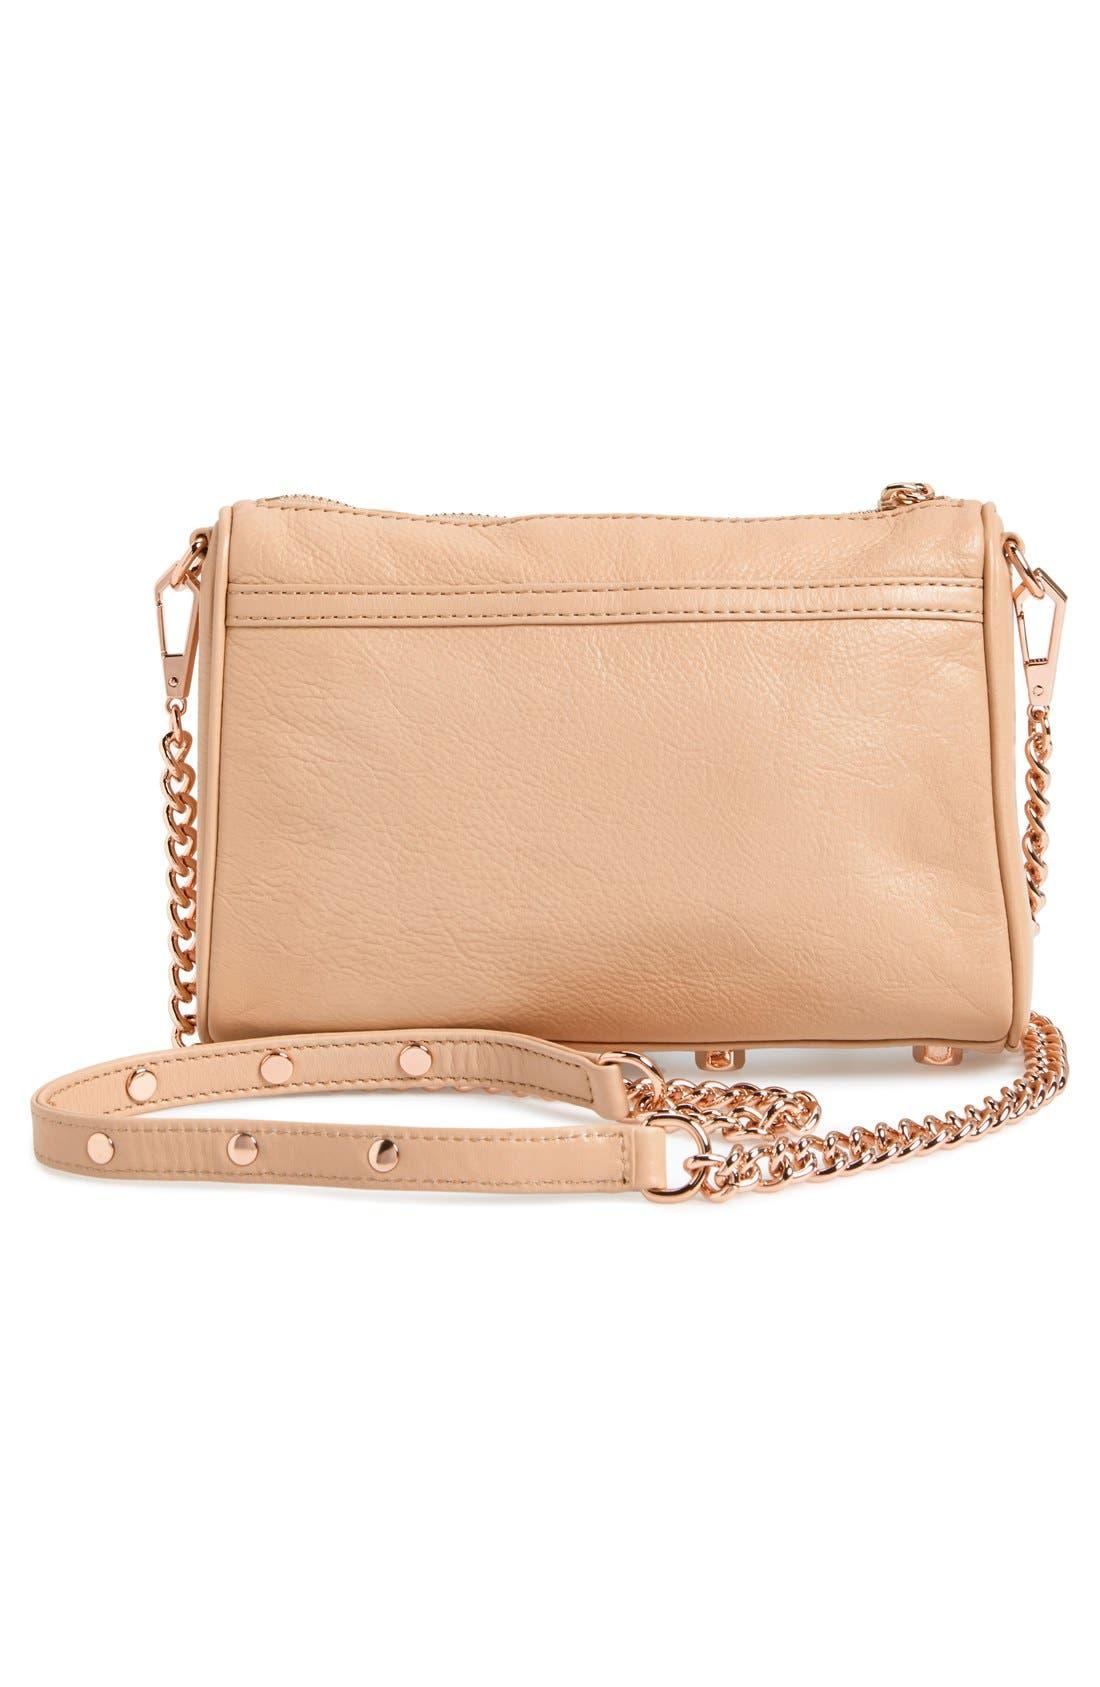 'Mini MAC' Convertible Crossbody Bag,                             Alternate thumbnail 17, color,